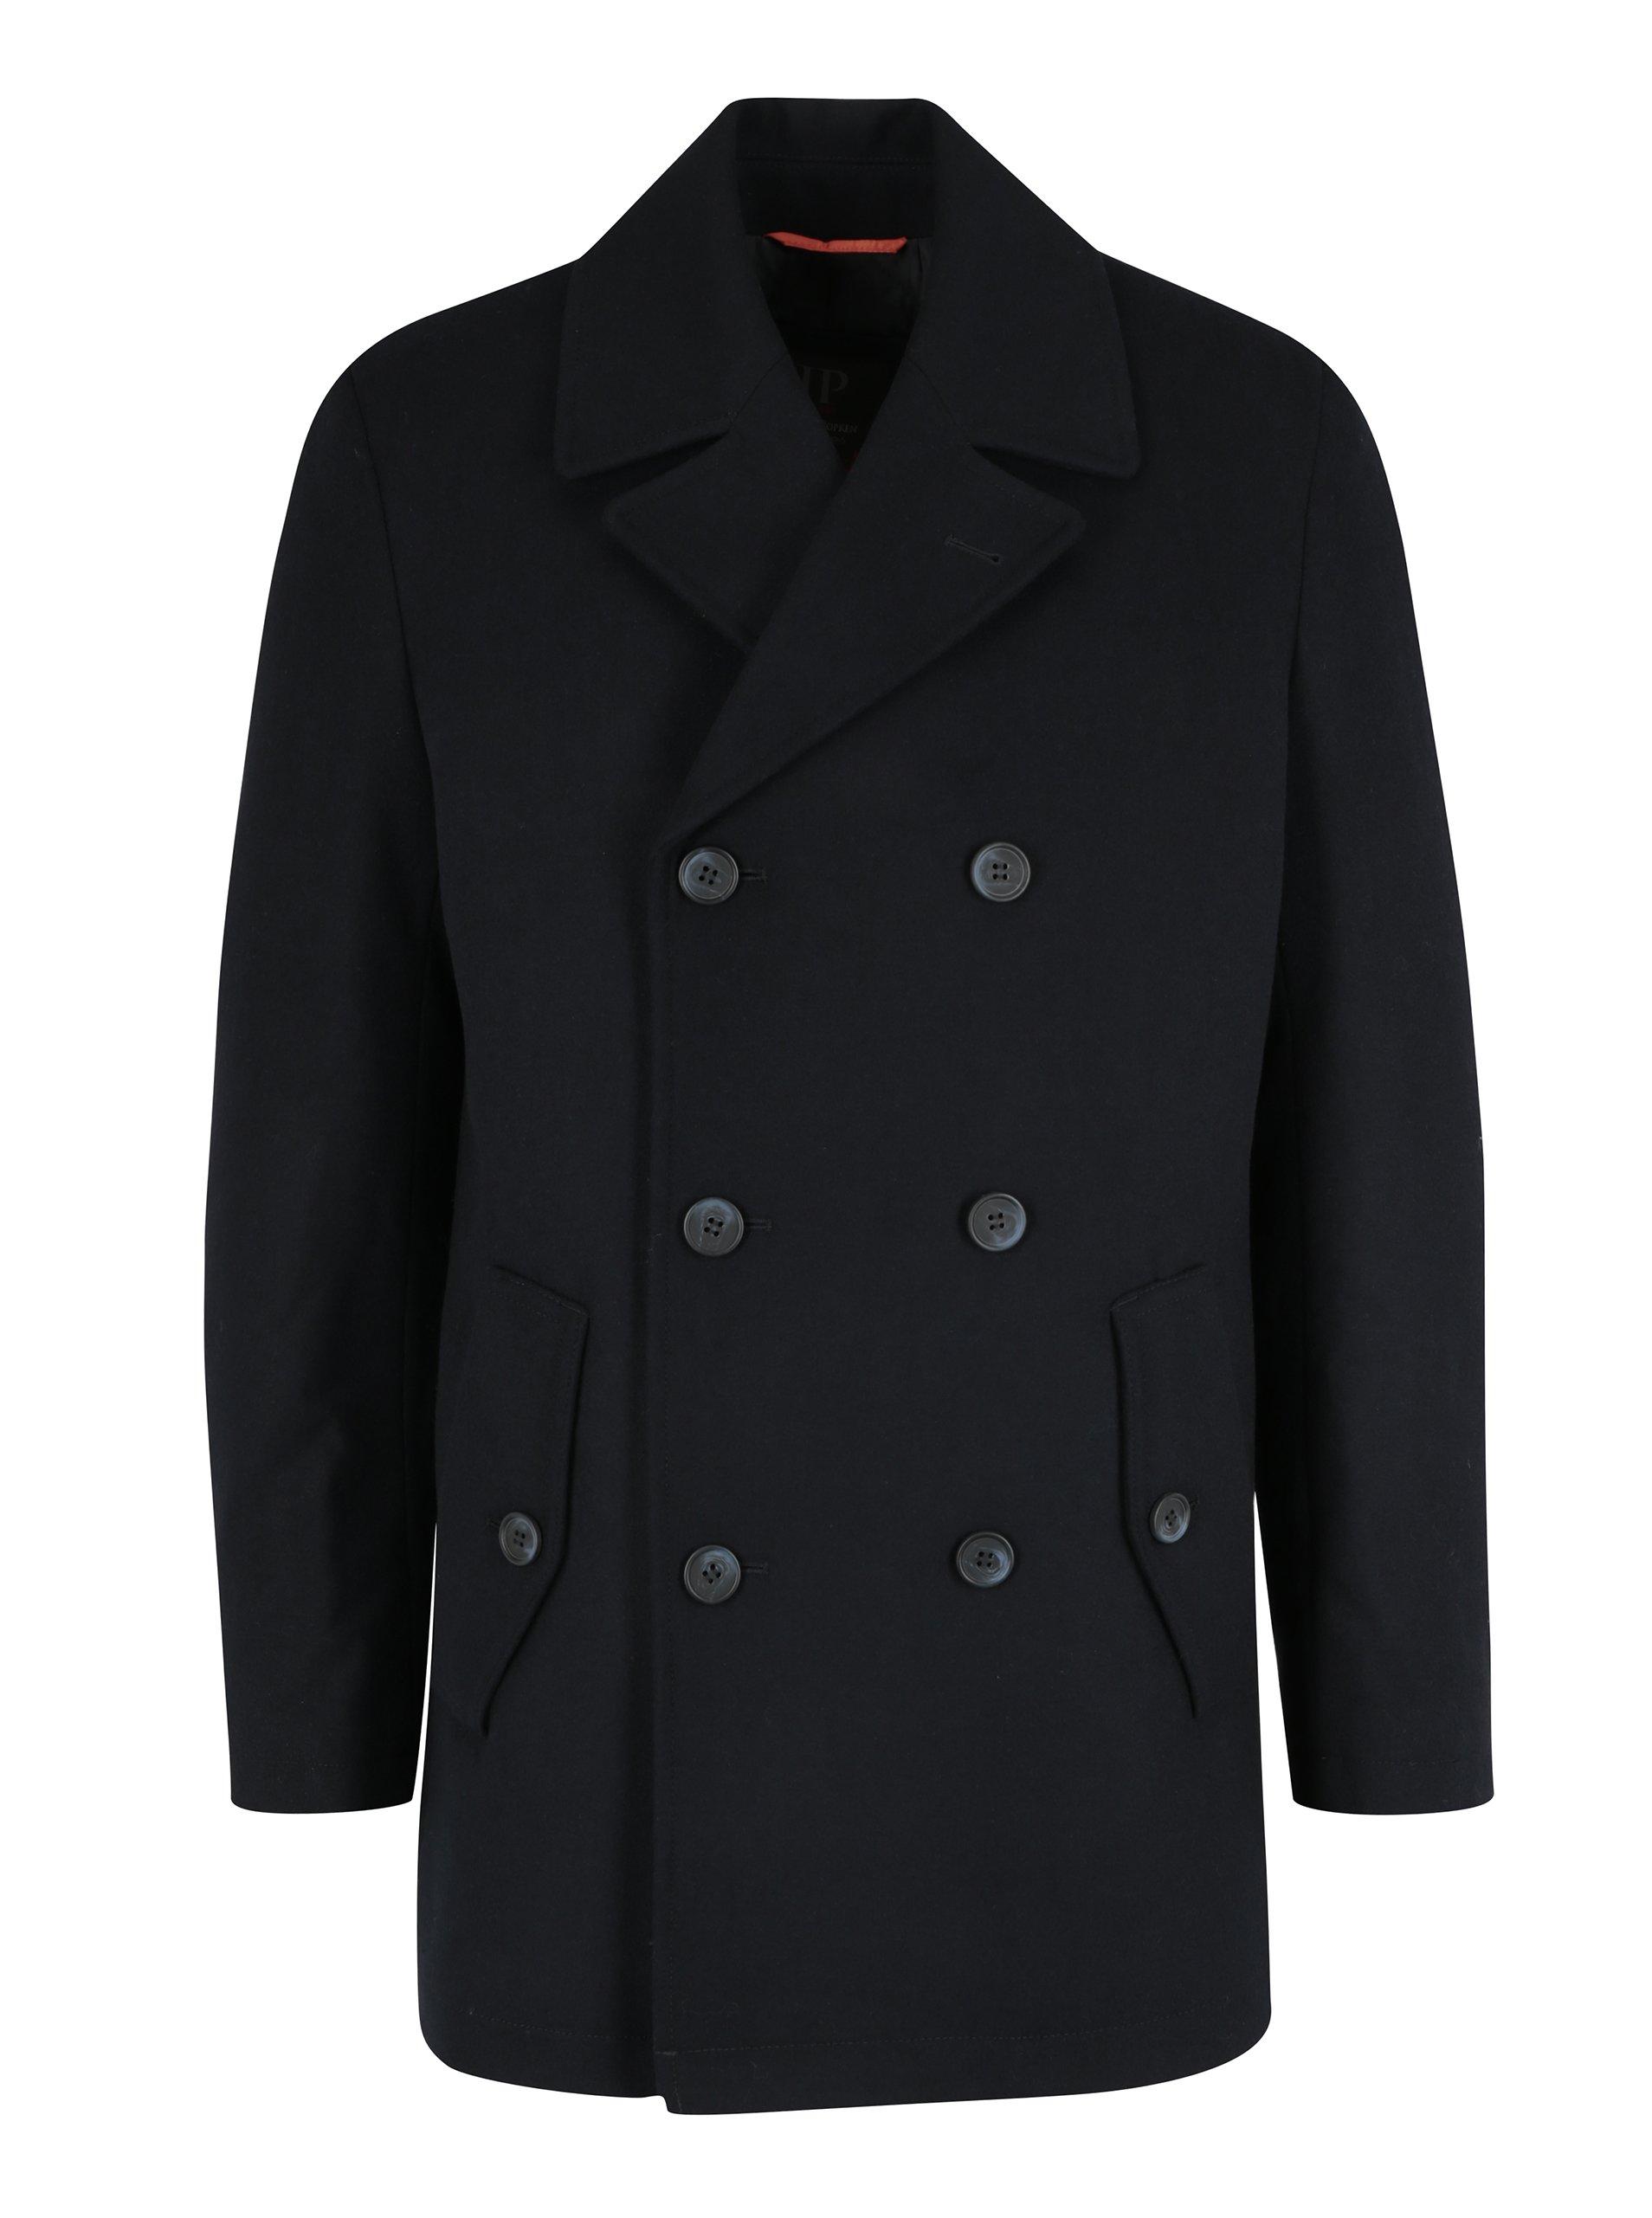 Tmavě modrý vlněný kabát s kapsami JP 1880